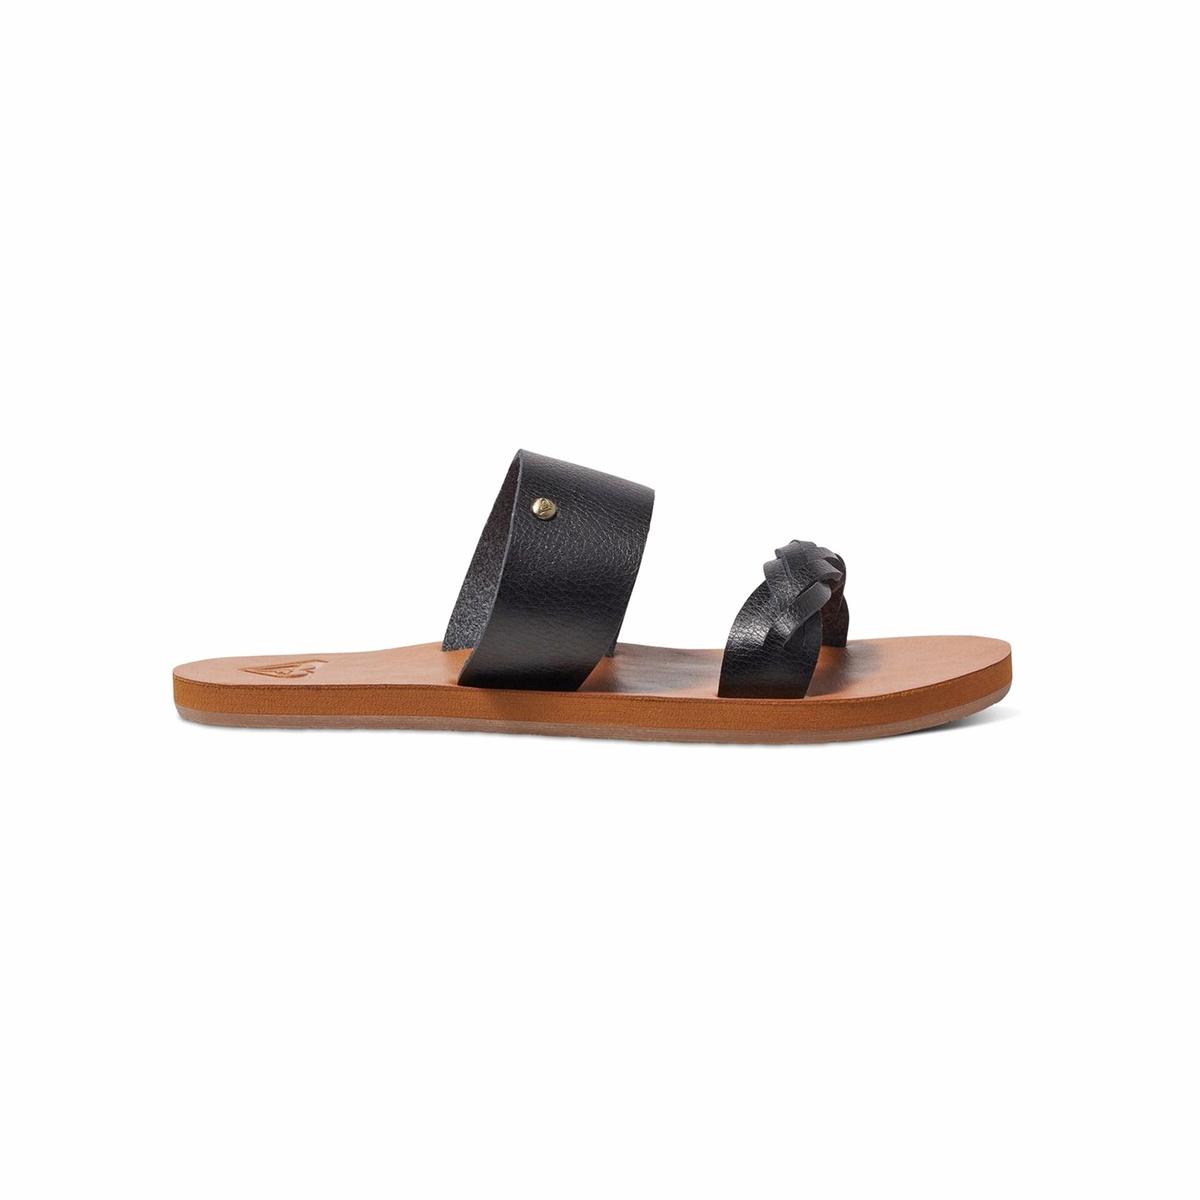 Сандалии Tess JВерх : синтетика   Подошва : каучук   Форма каблука : плоский каблук   Мысок : открытый мысок   Застежка : без застежки<br><br>Цвет: черный<br>Размер: 36.38.37